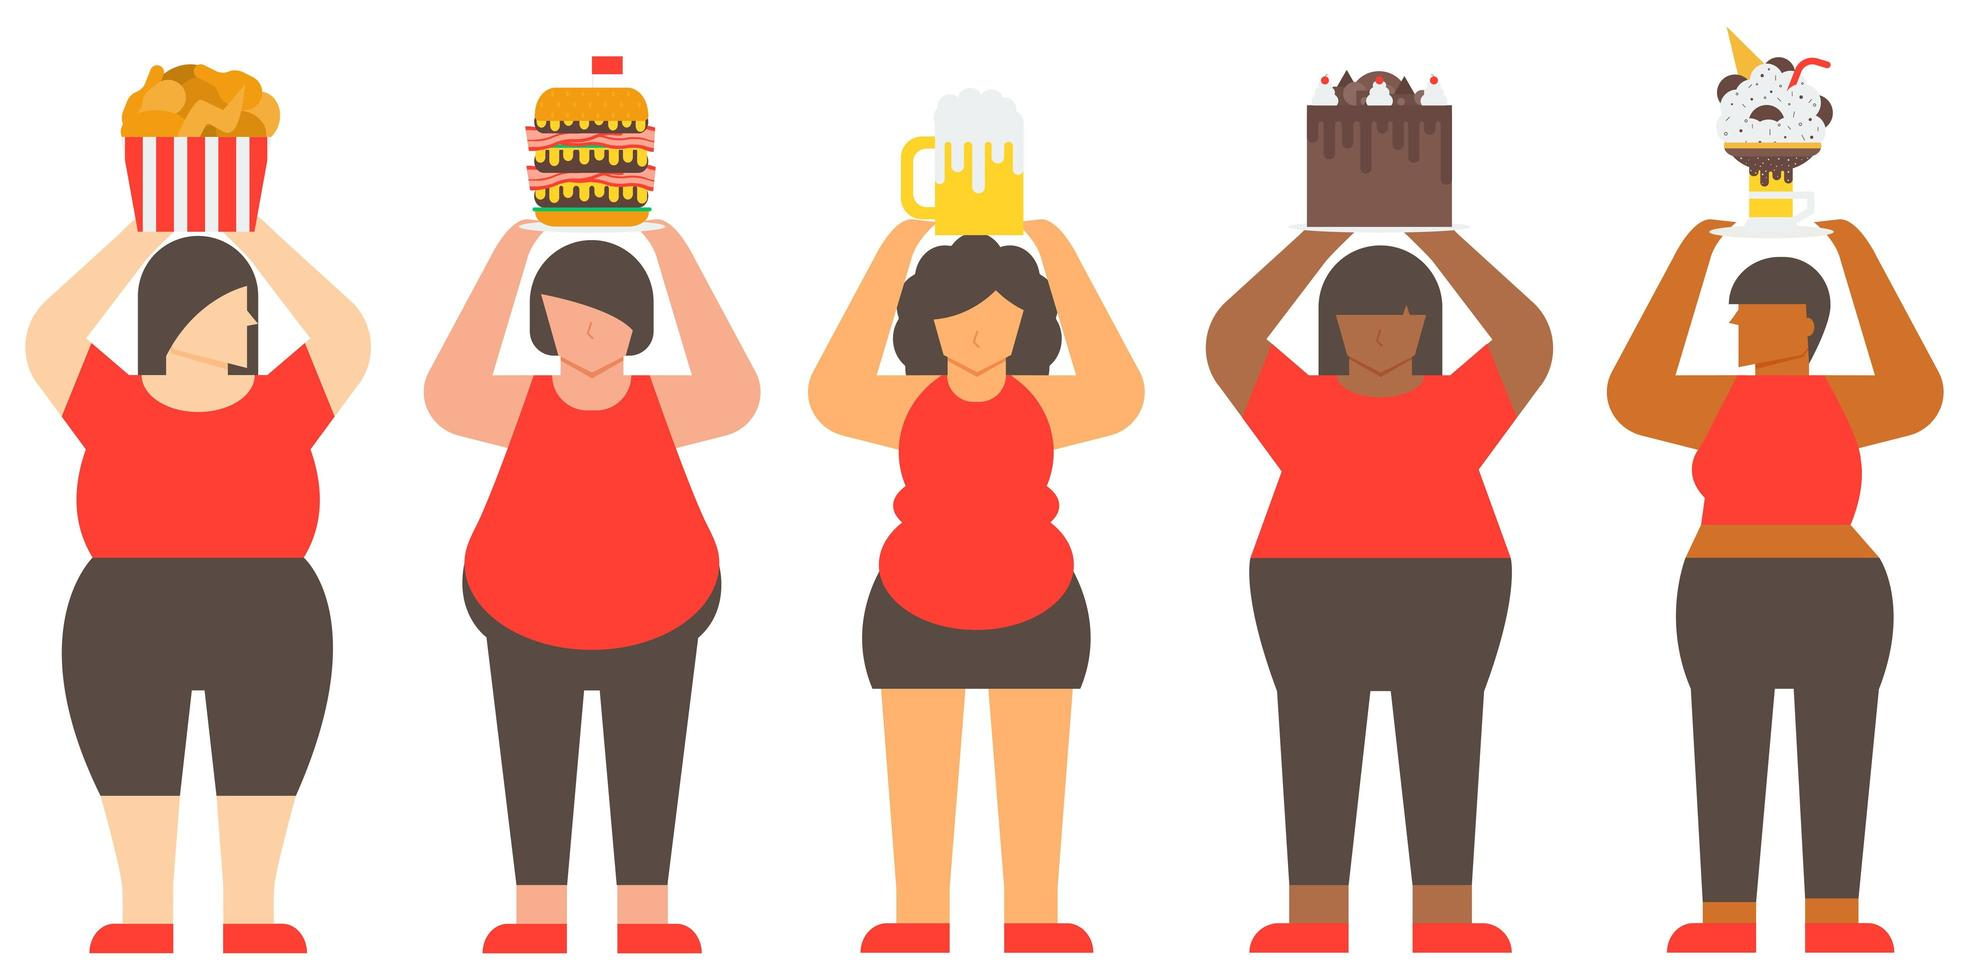 zwaarlijvige vrouw en junkfood vector